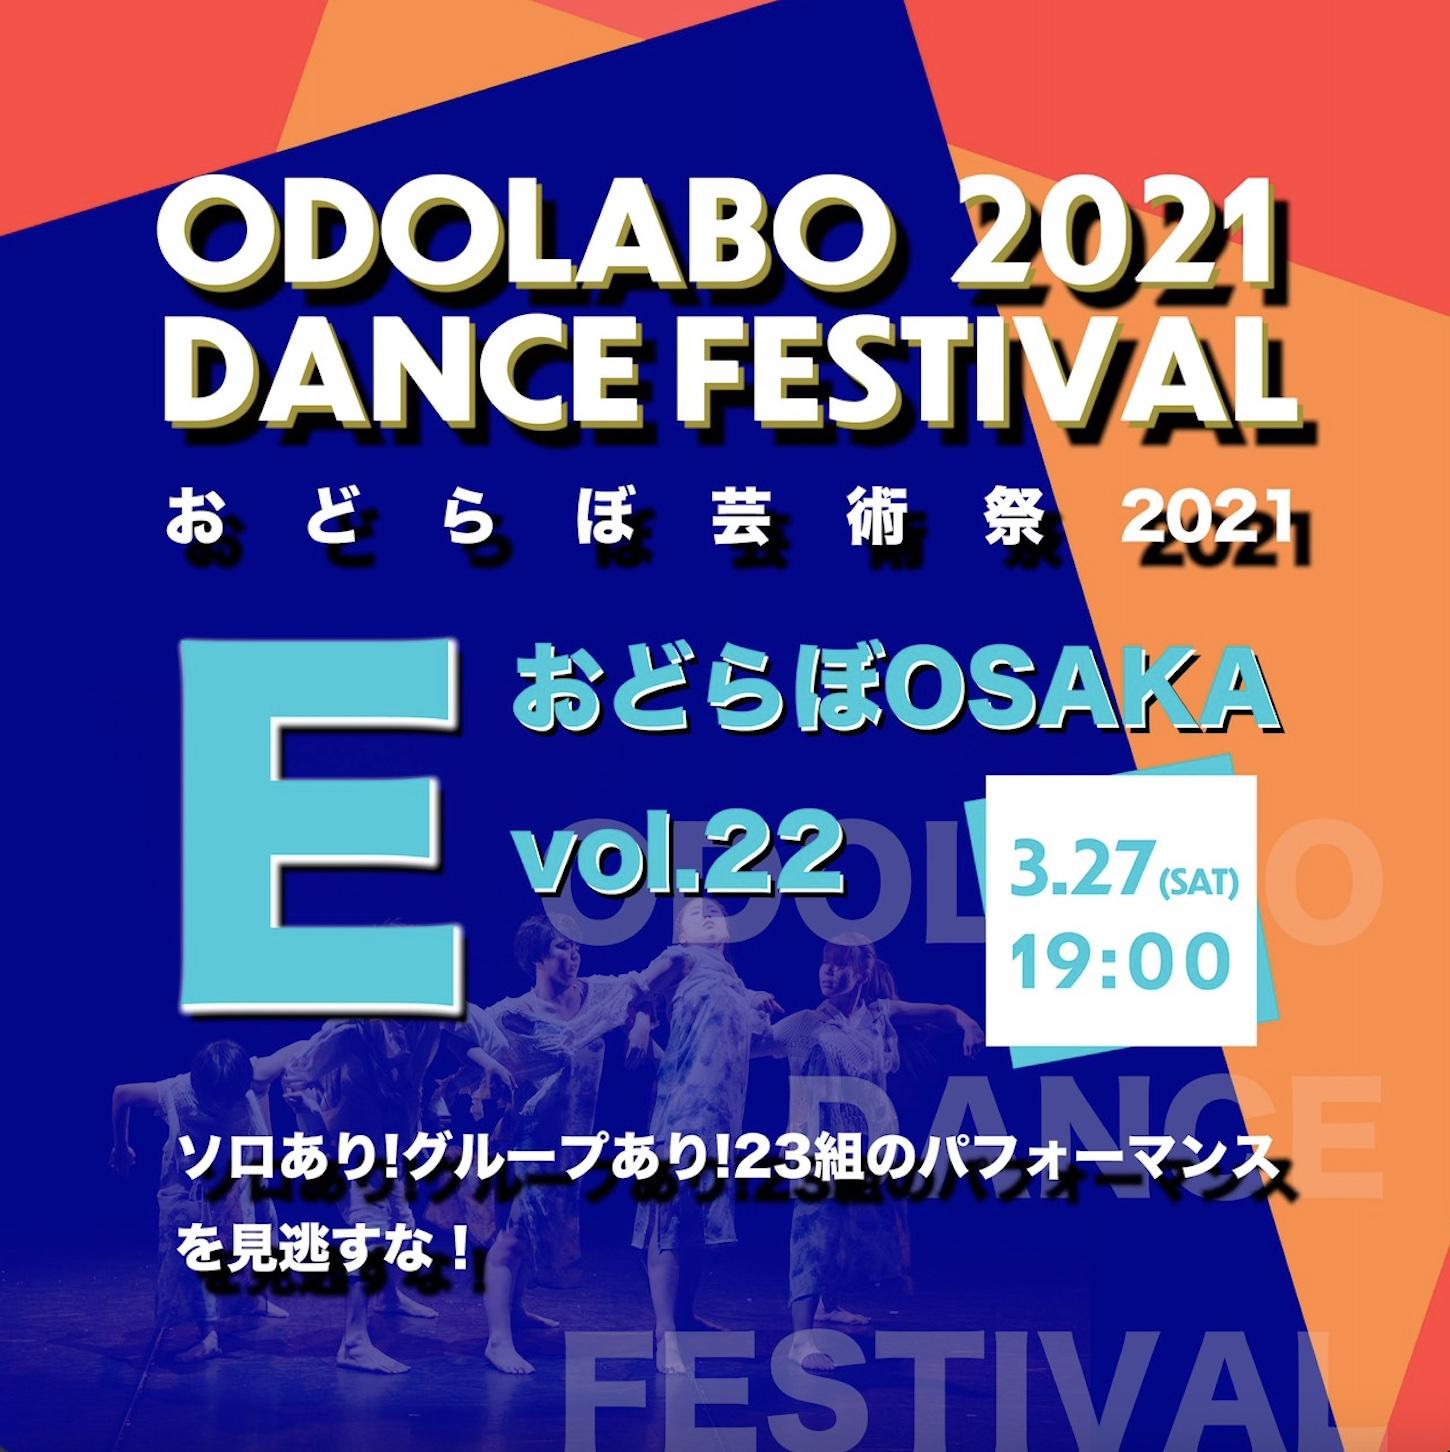 おどらぼ芸術祭2021 3/27(FRI) Eプログラム「おどらぼ OSAKA vol.22」